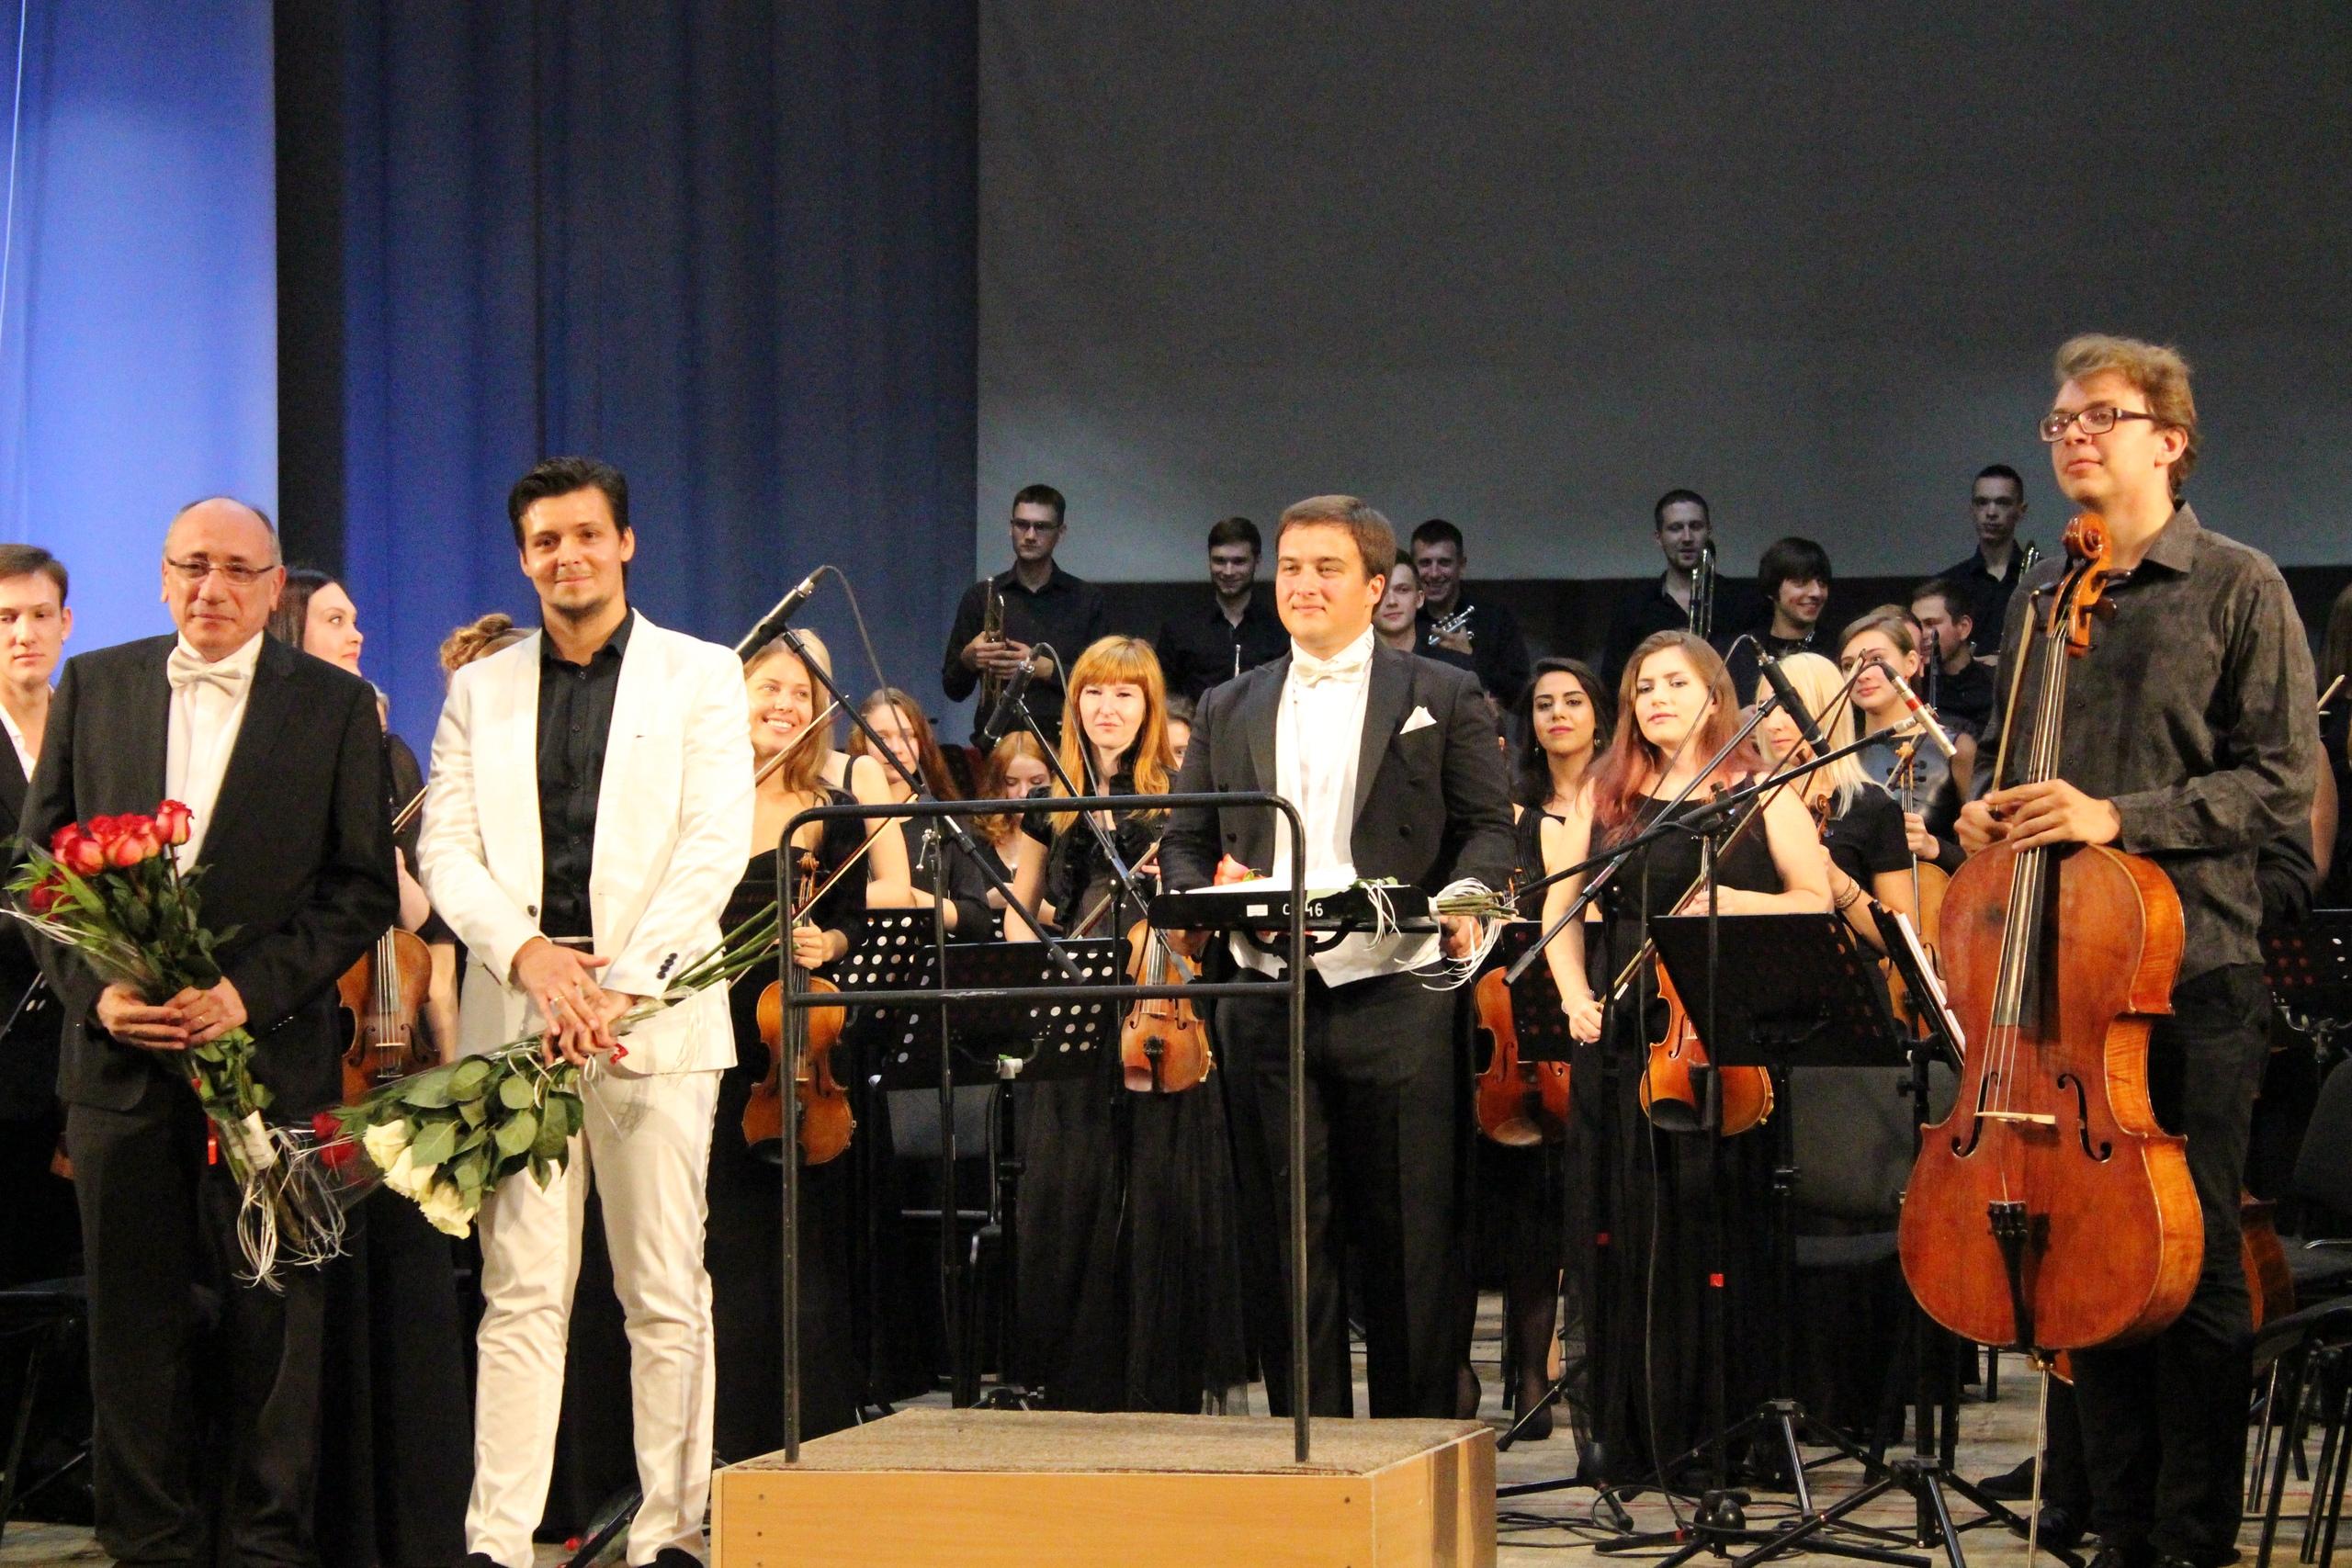 В Тольятти состоялась мировая премьера симфонической сюиты Signum Spei